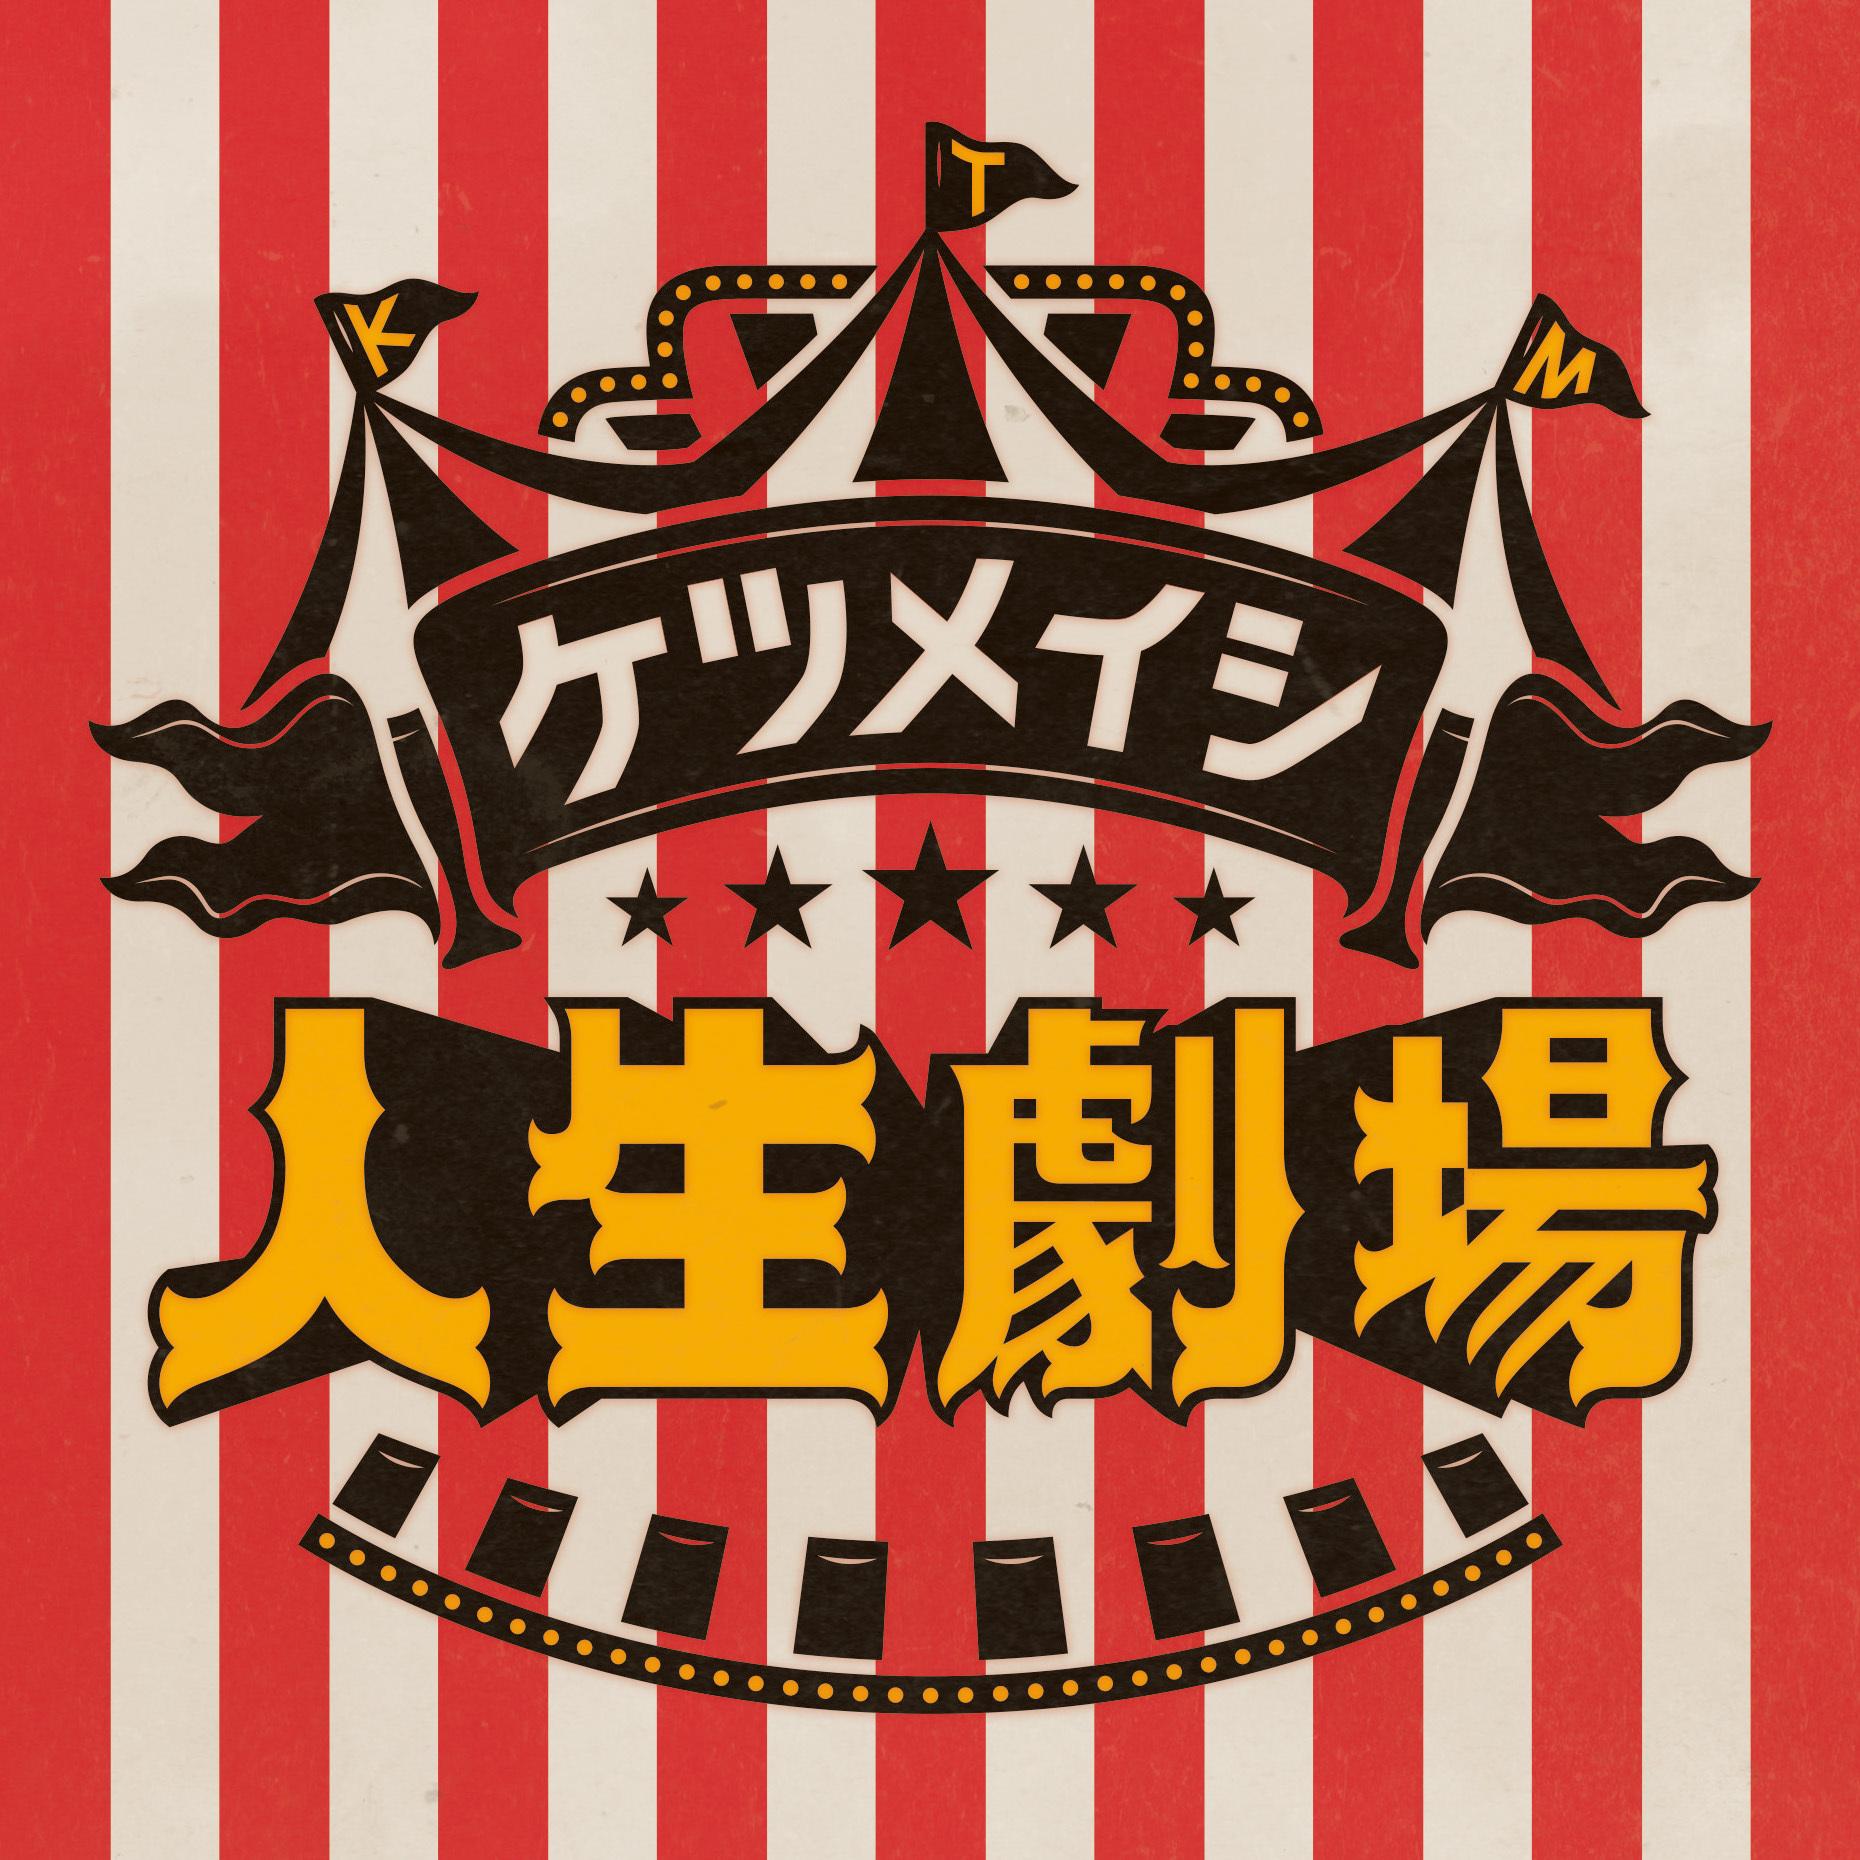 ケツメイシ ツアー会場限定販売シングル「人生劇場」